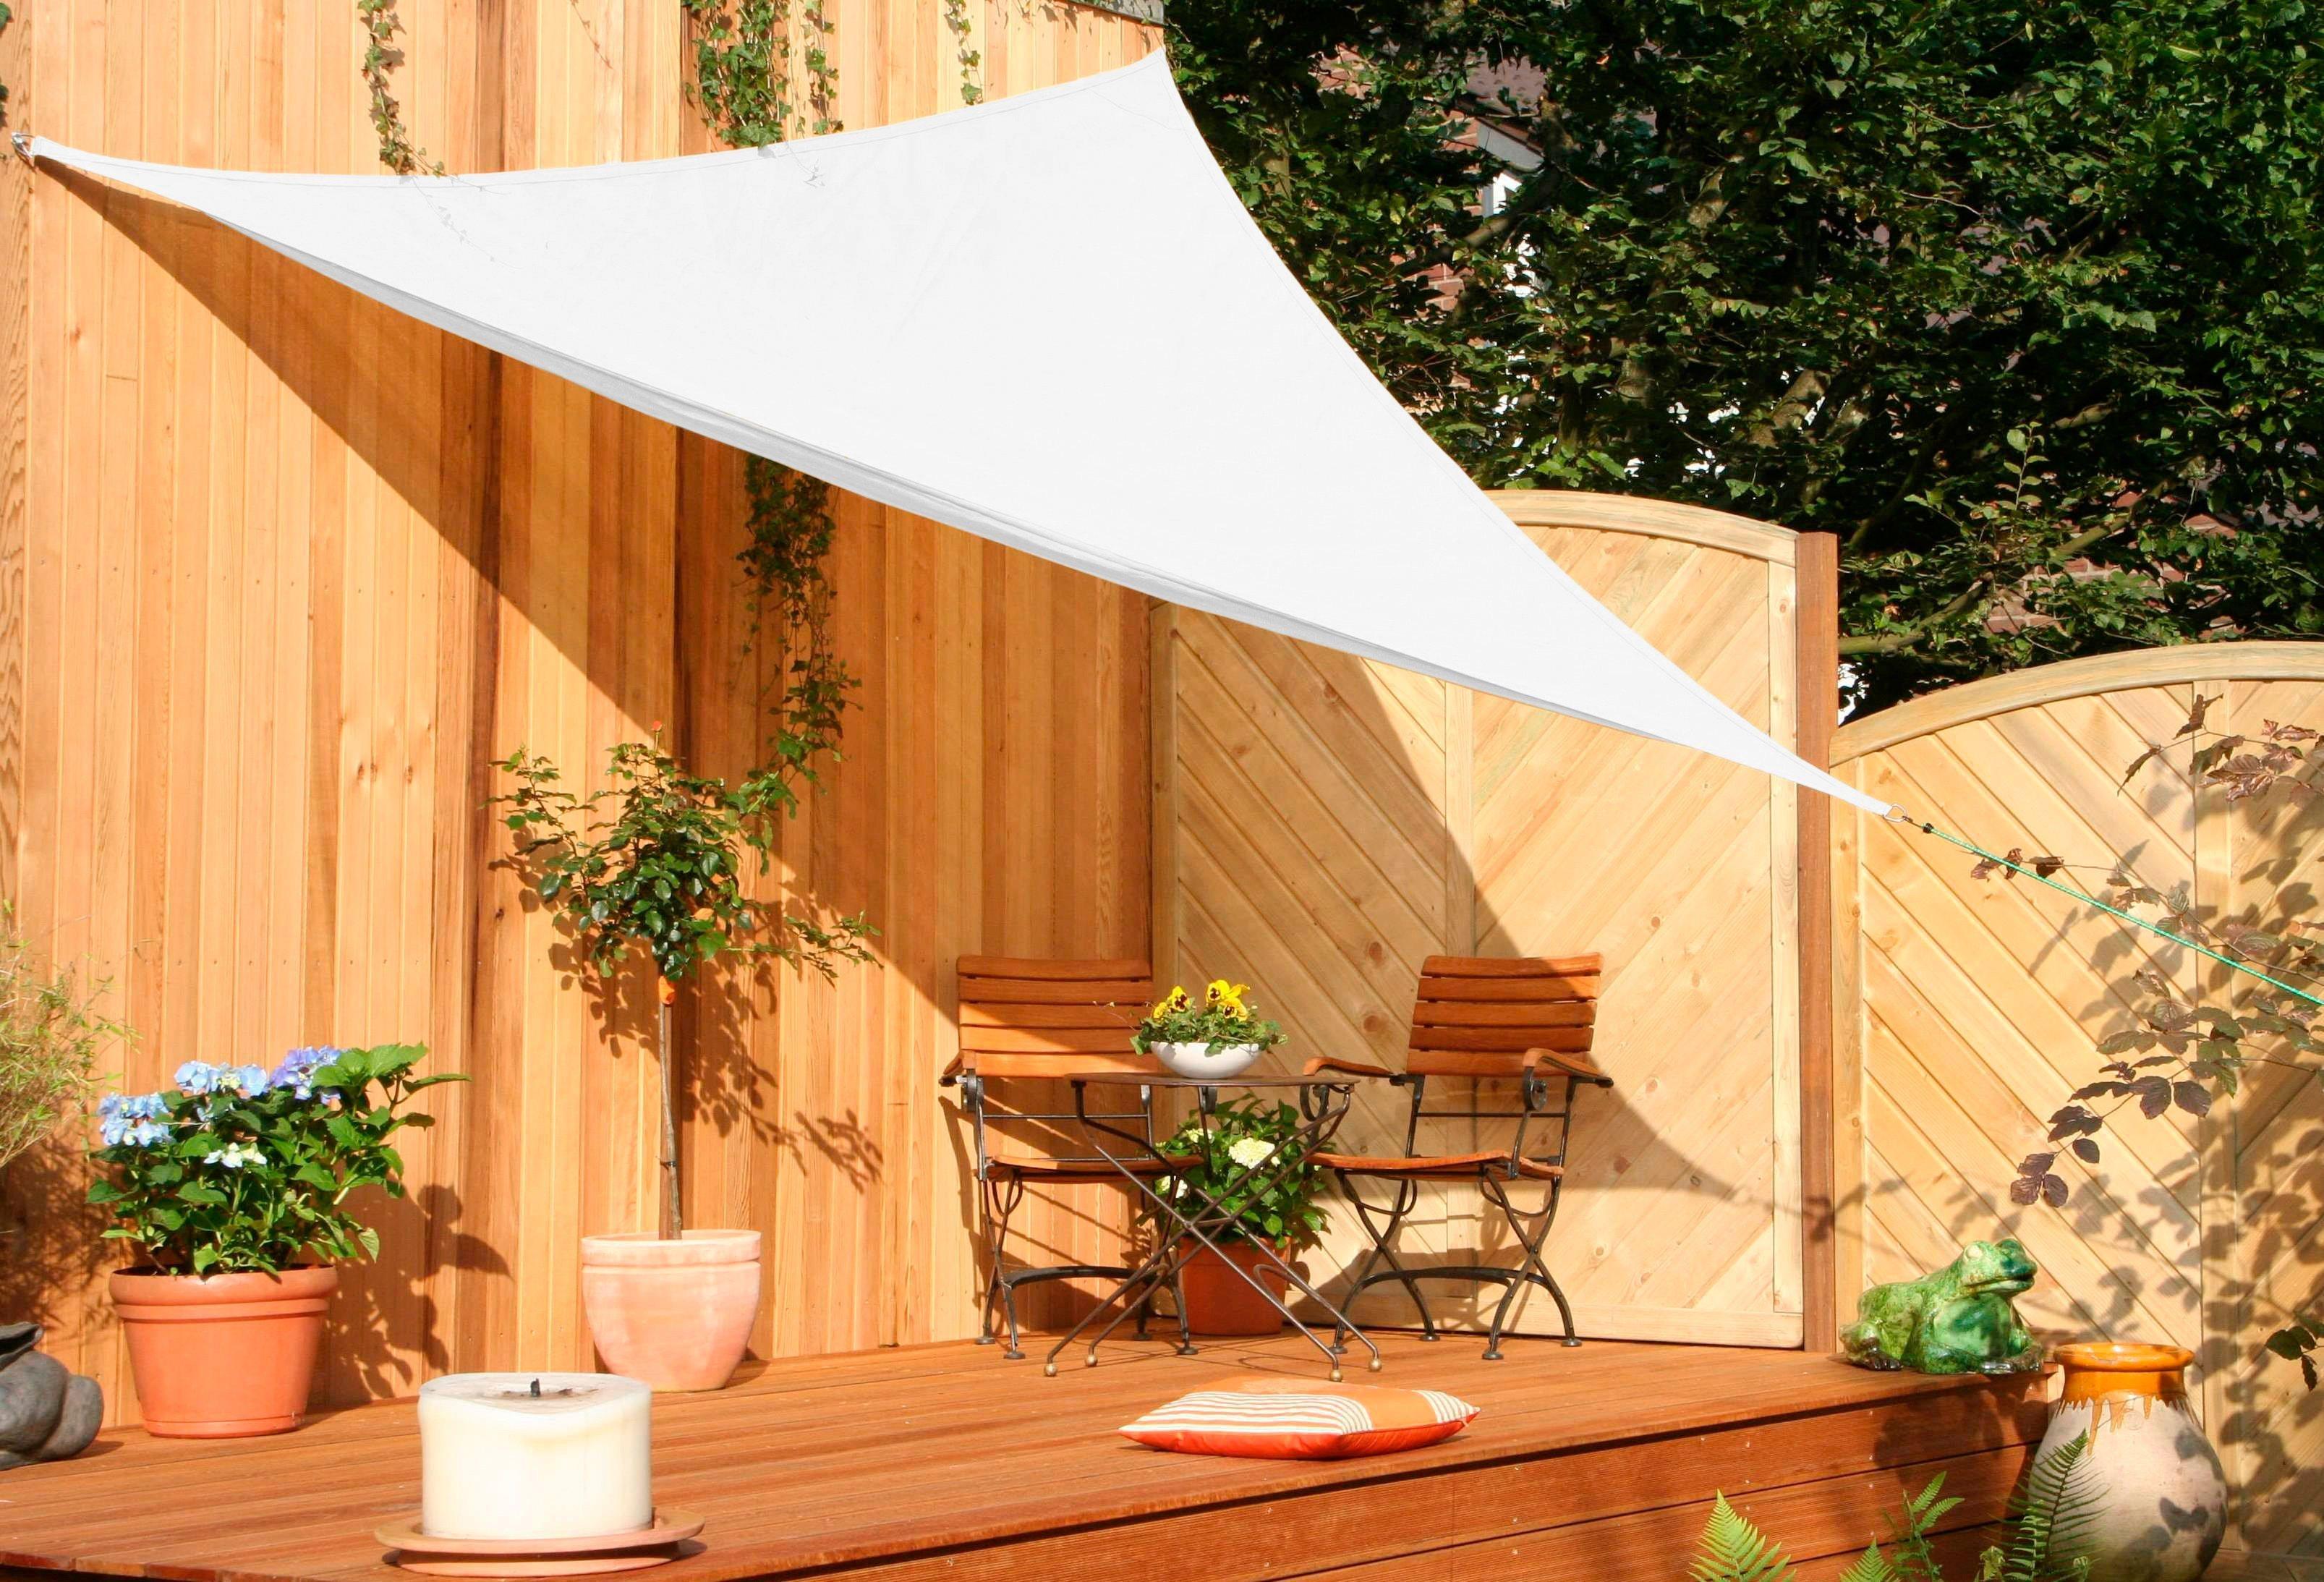 FLORACORD Sonnensegel , B: 300 cm, cremeweiß | Garten > Sonnenschirme und Markisen > Sonnensegel | Polyethylen | Floracord